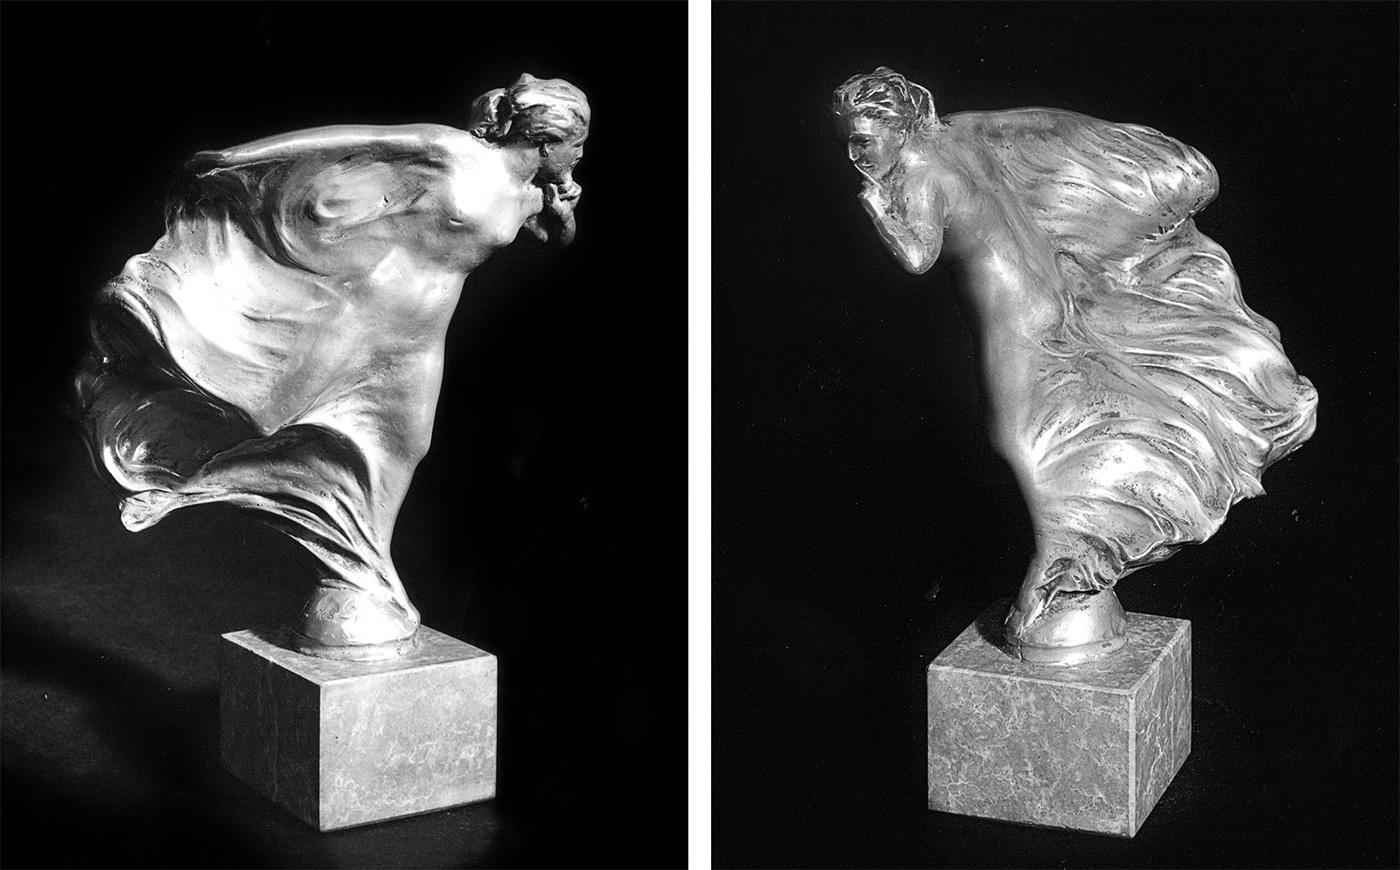 The Whisper, Rolls-Royce, Charles Sykes